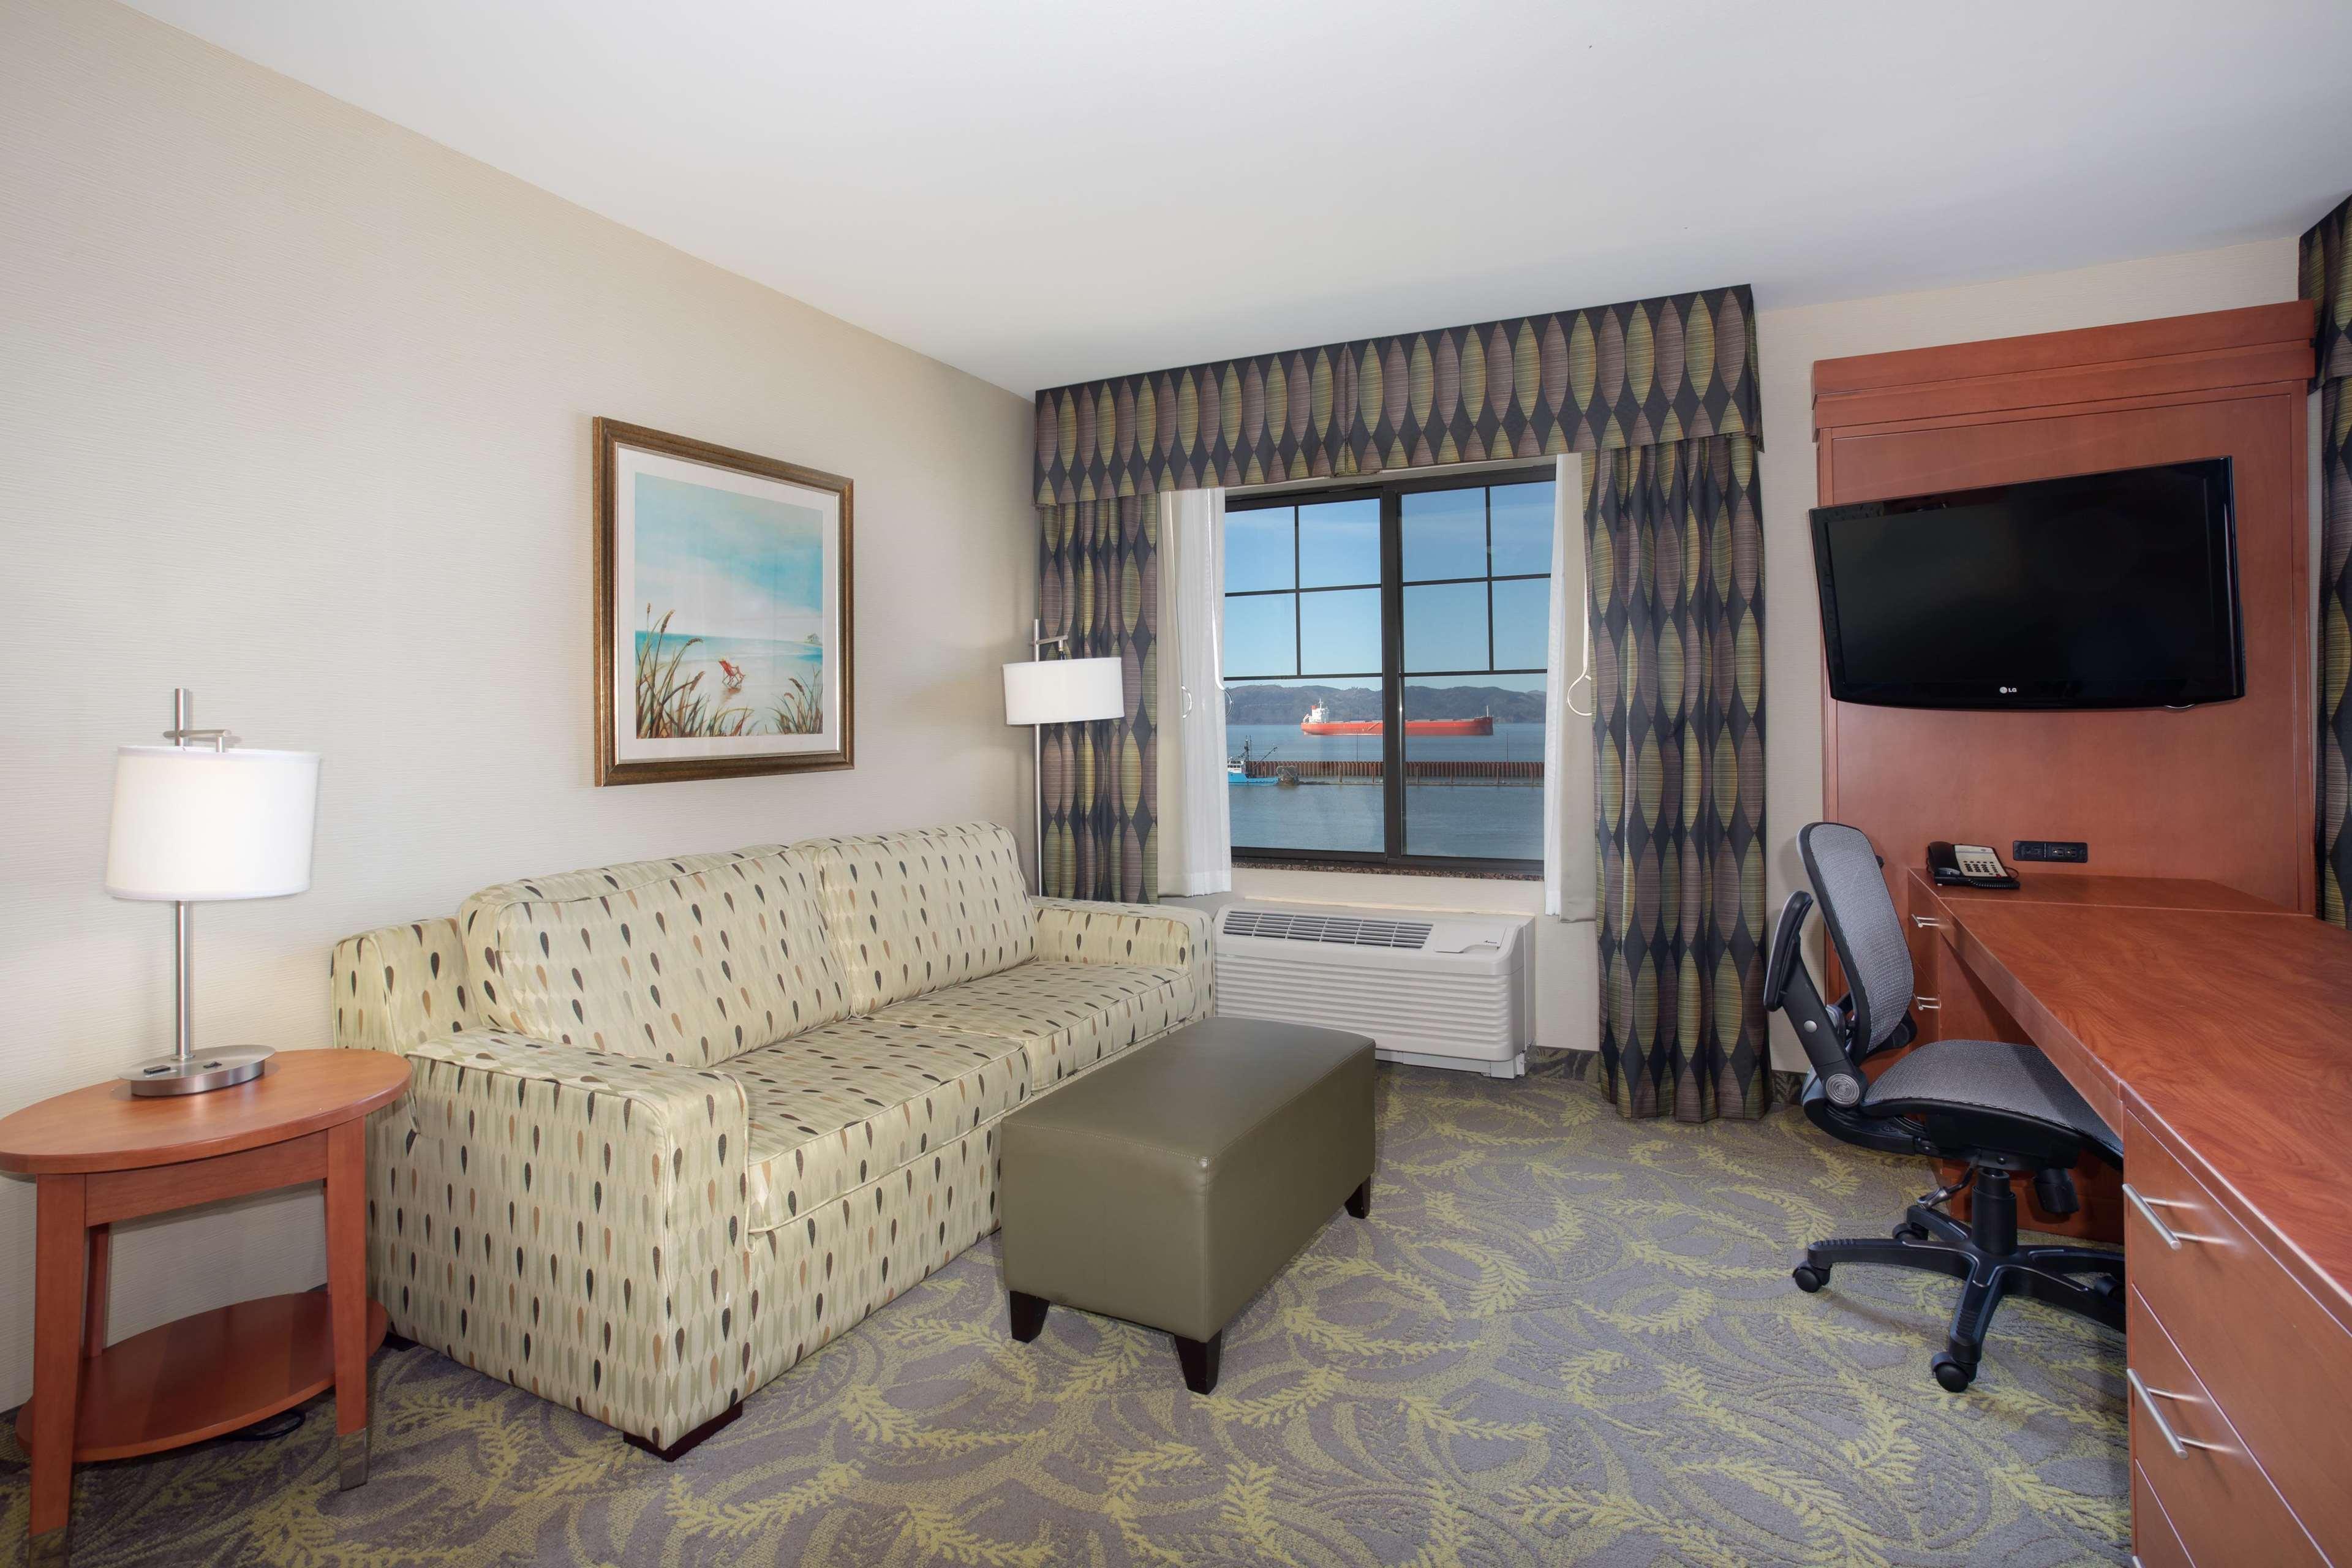 Hampton Inn & Suites Astoria image 35